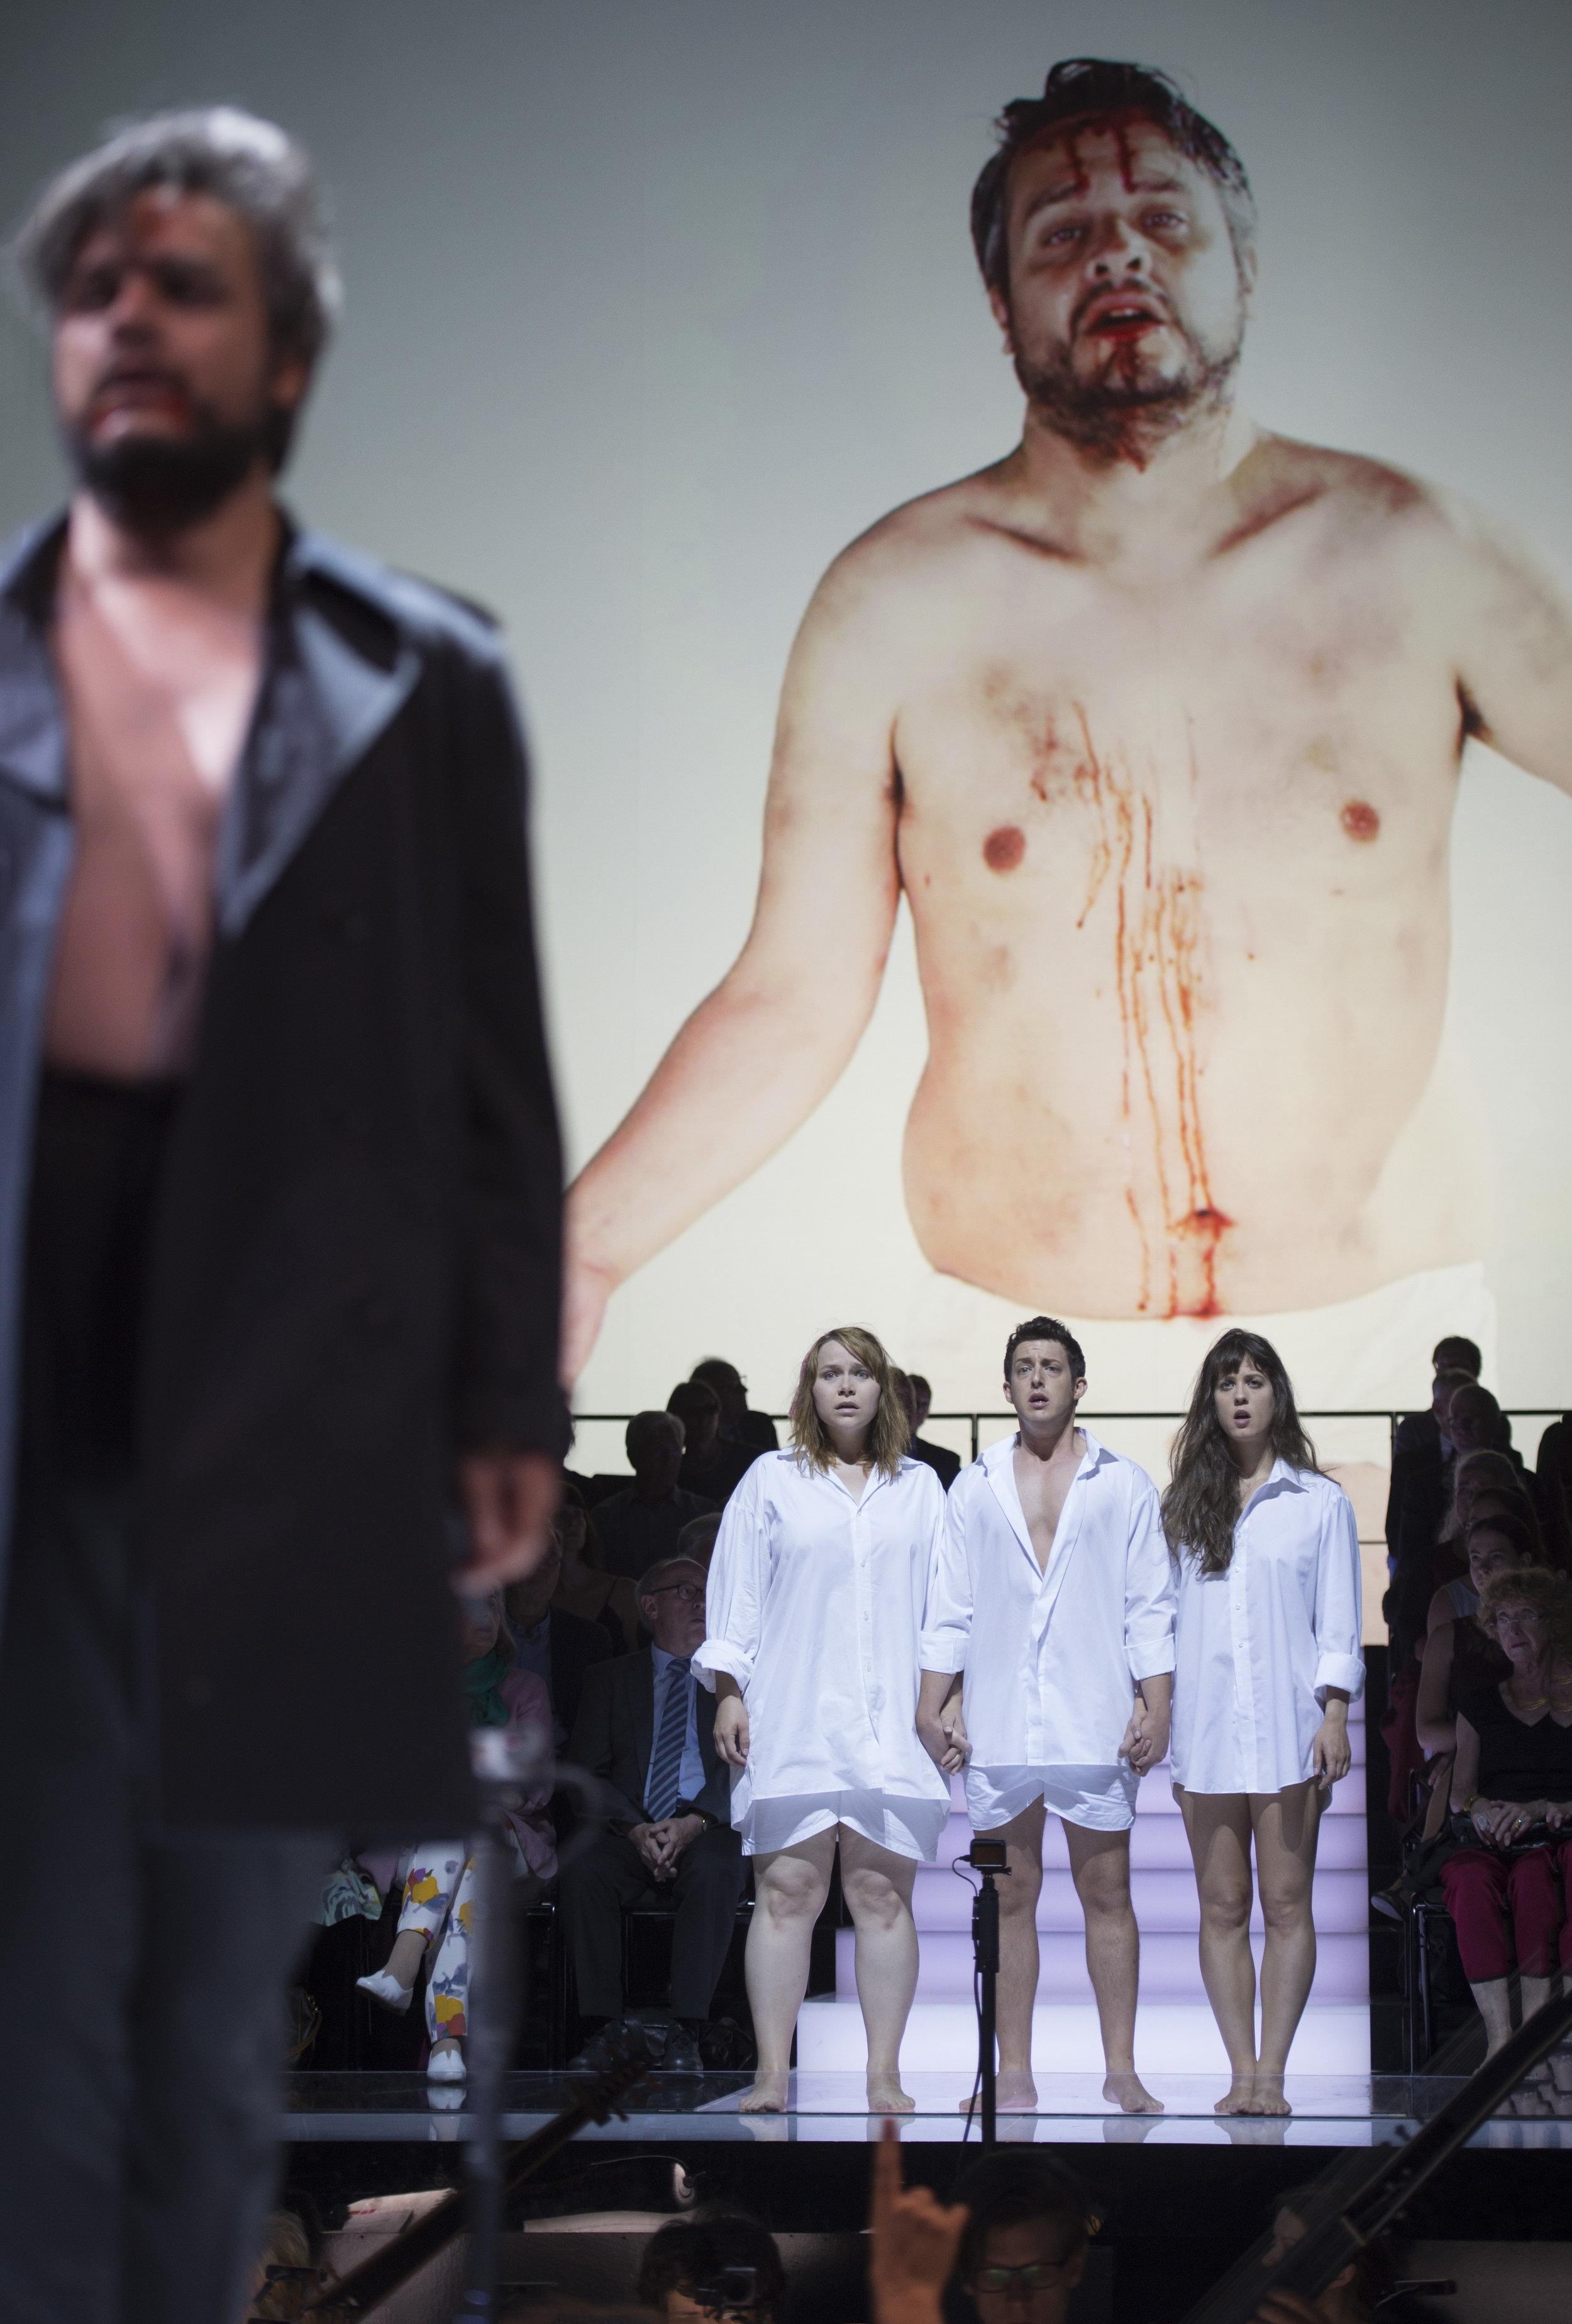 Fortuna & Damigella - L'incoronazione di Poppea - Opernhaus Zürich 2018 - Photo: Monika Rittershaus